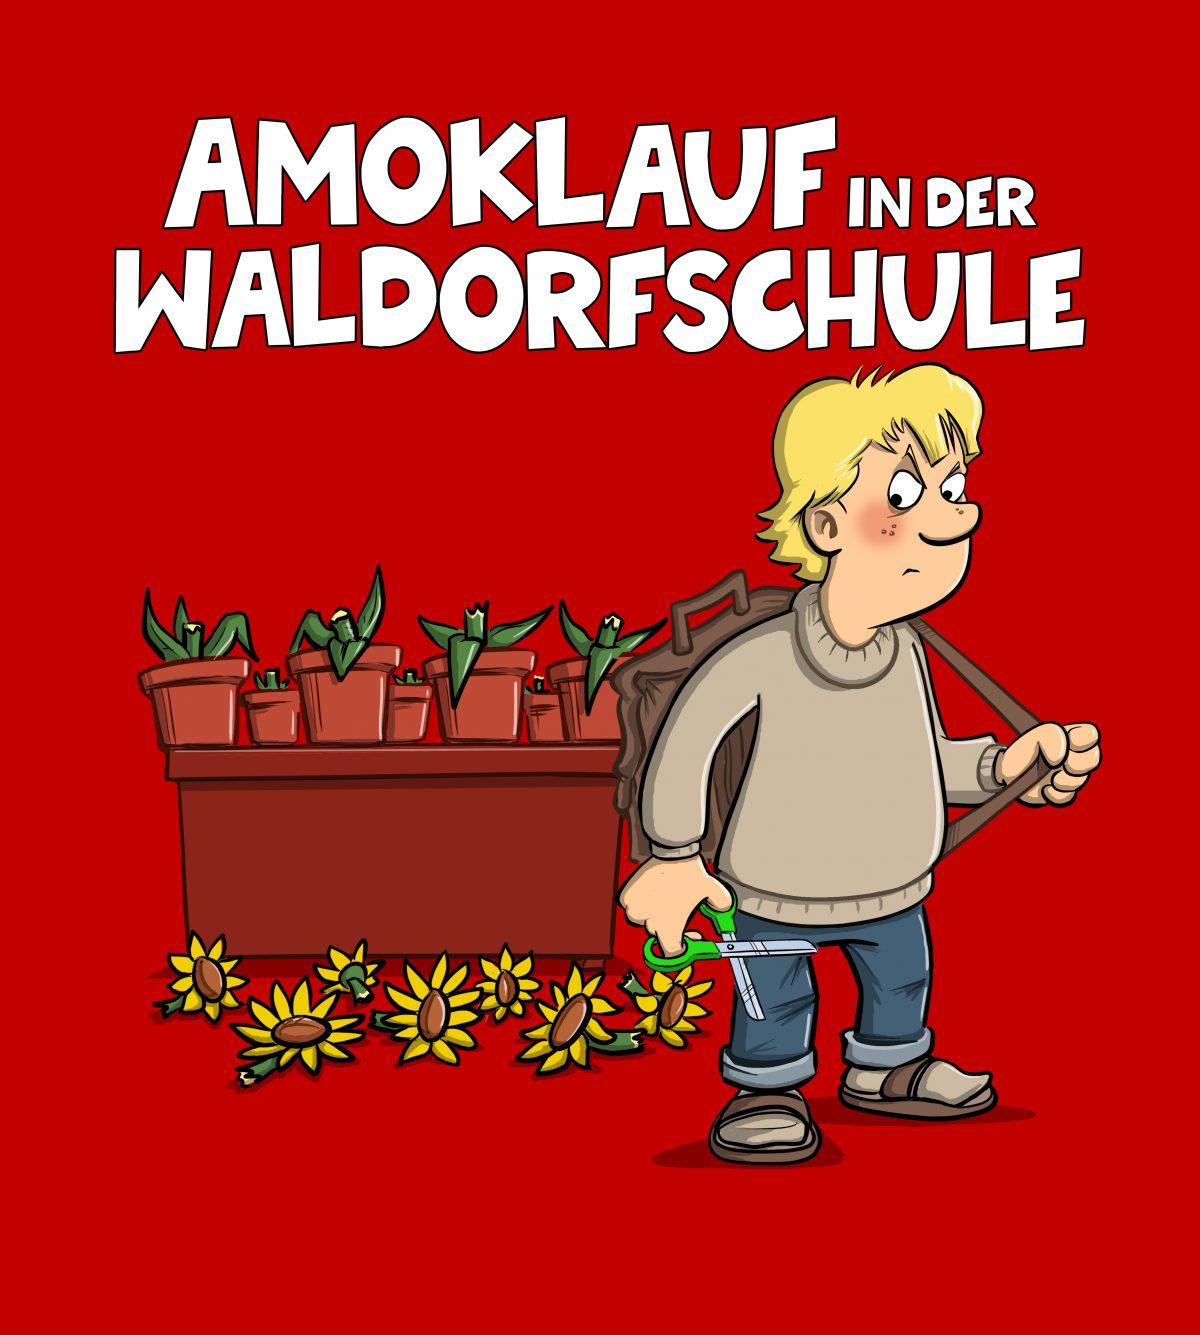 31.01.-17.04.2020 / Michael Holtschulte / Amoklauf in der Waldorfschule / Caricatura